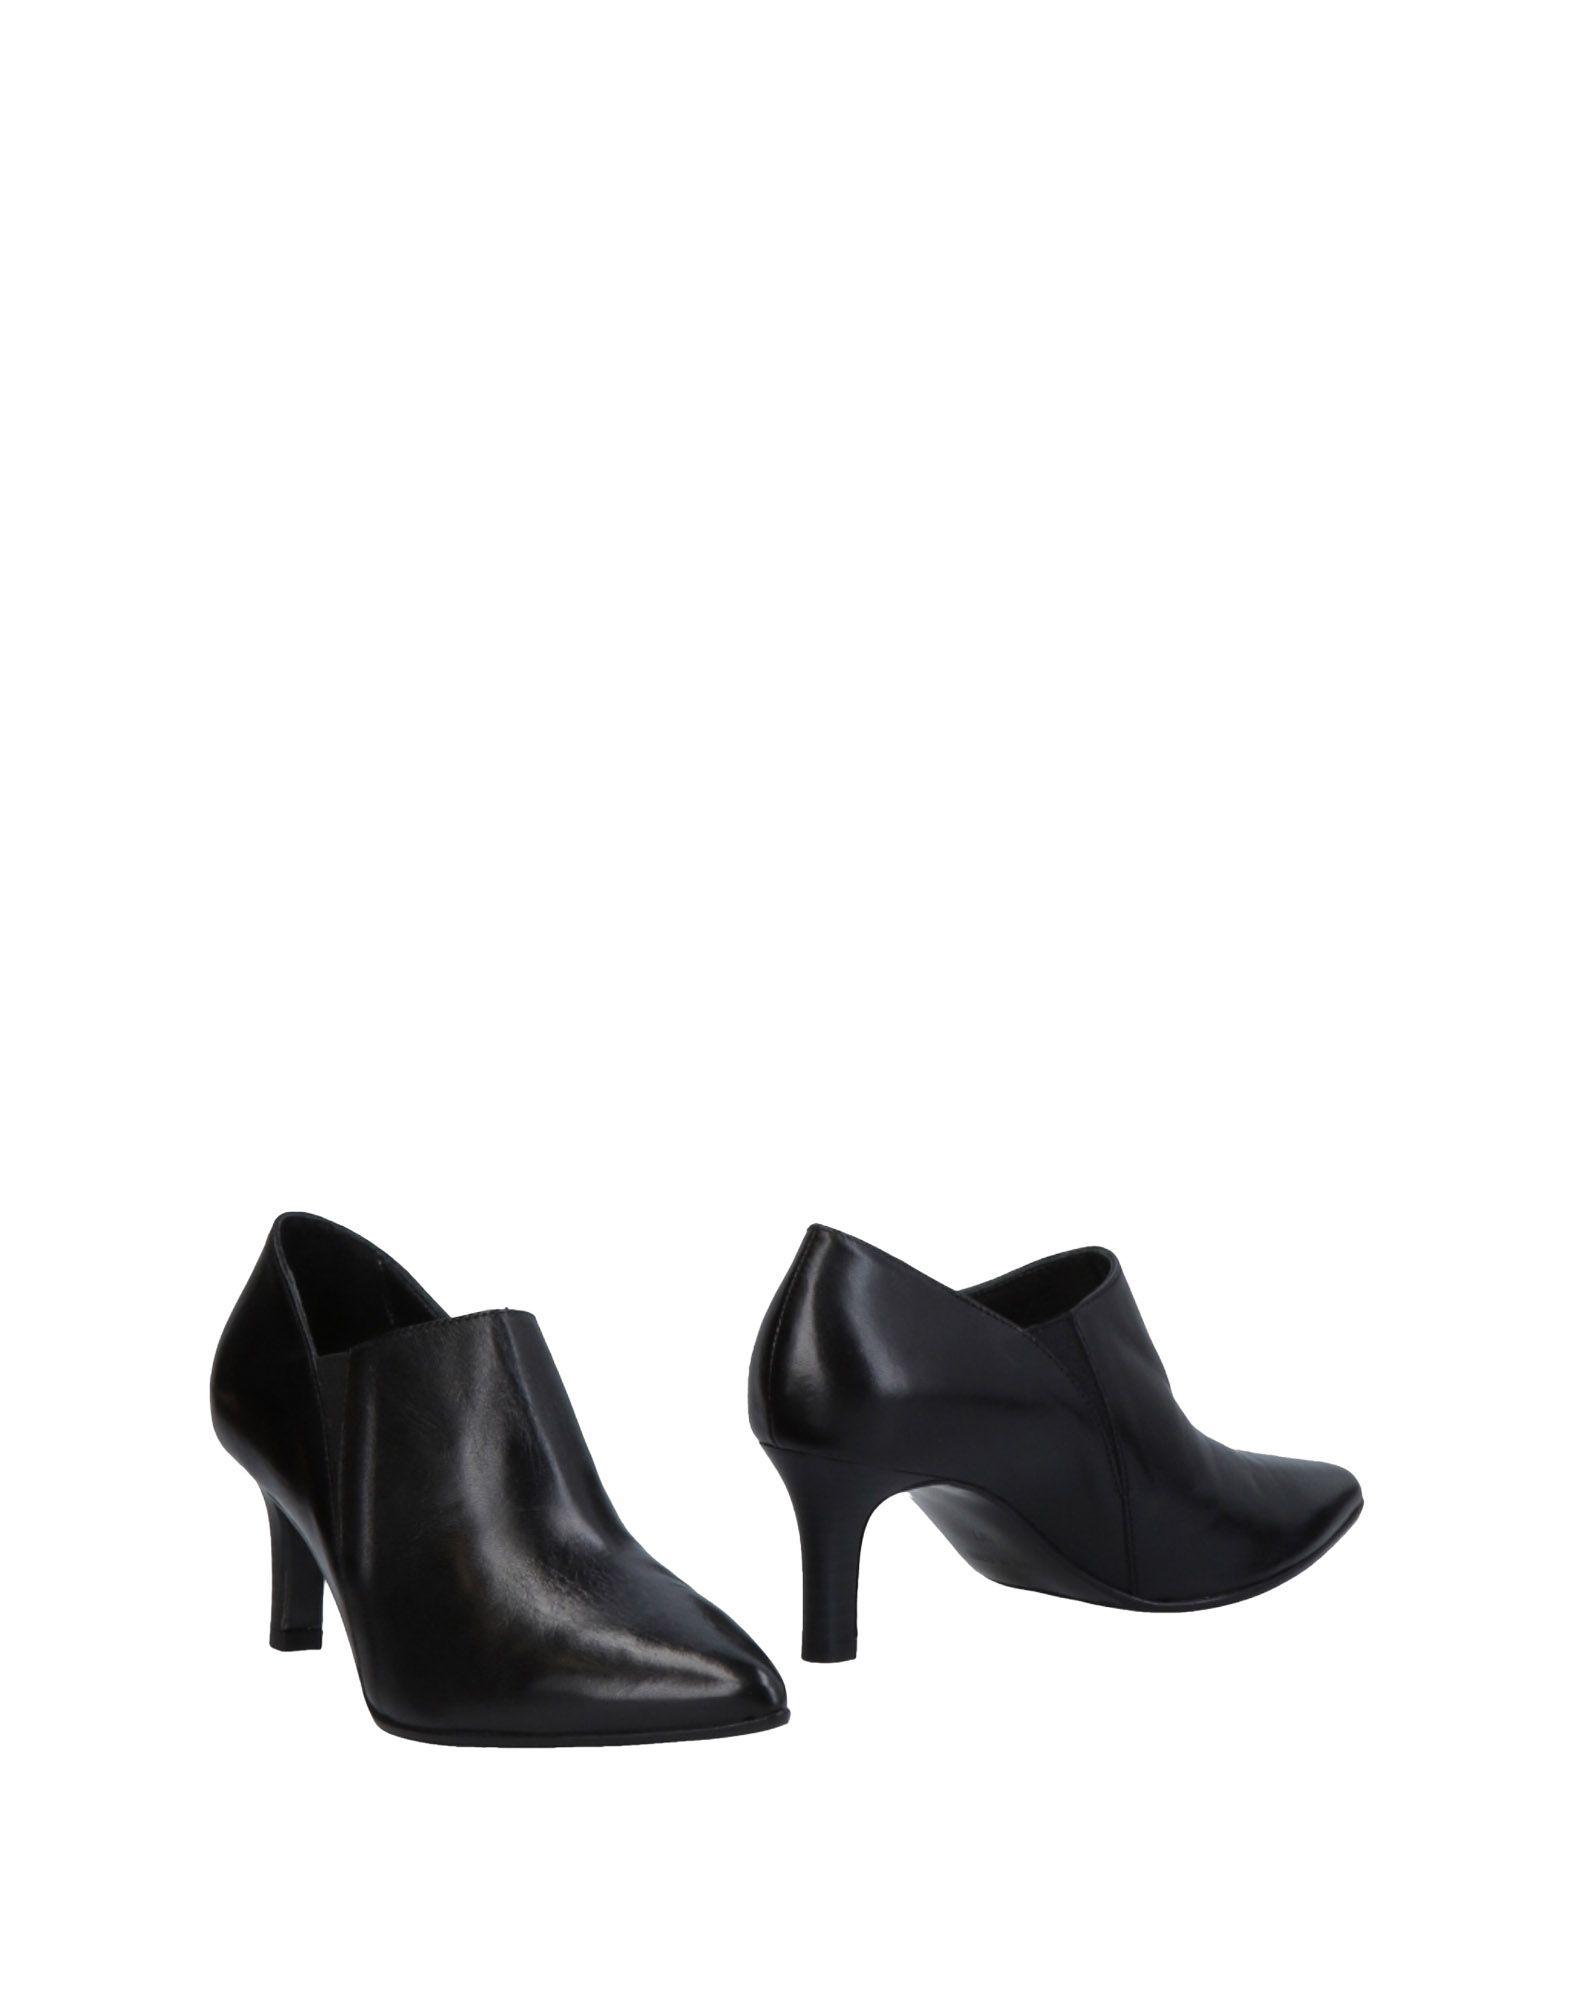 Manì Per Donna Più Stiefelette Damen  11462977SW Gute Gute Gute Qualität beliebte Schuhe 8854a1